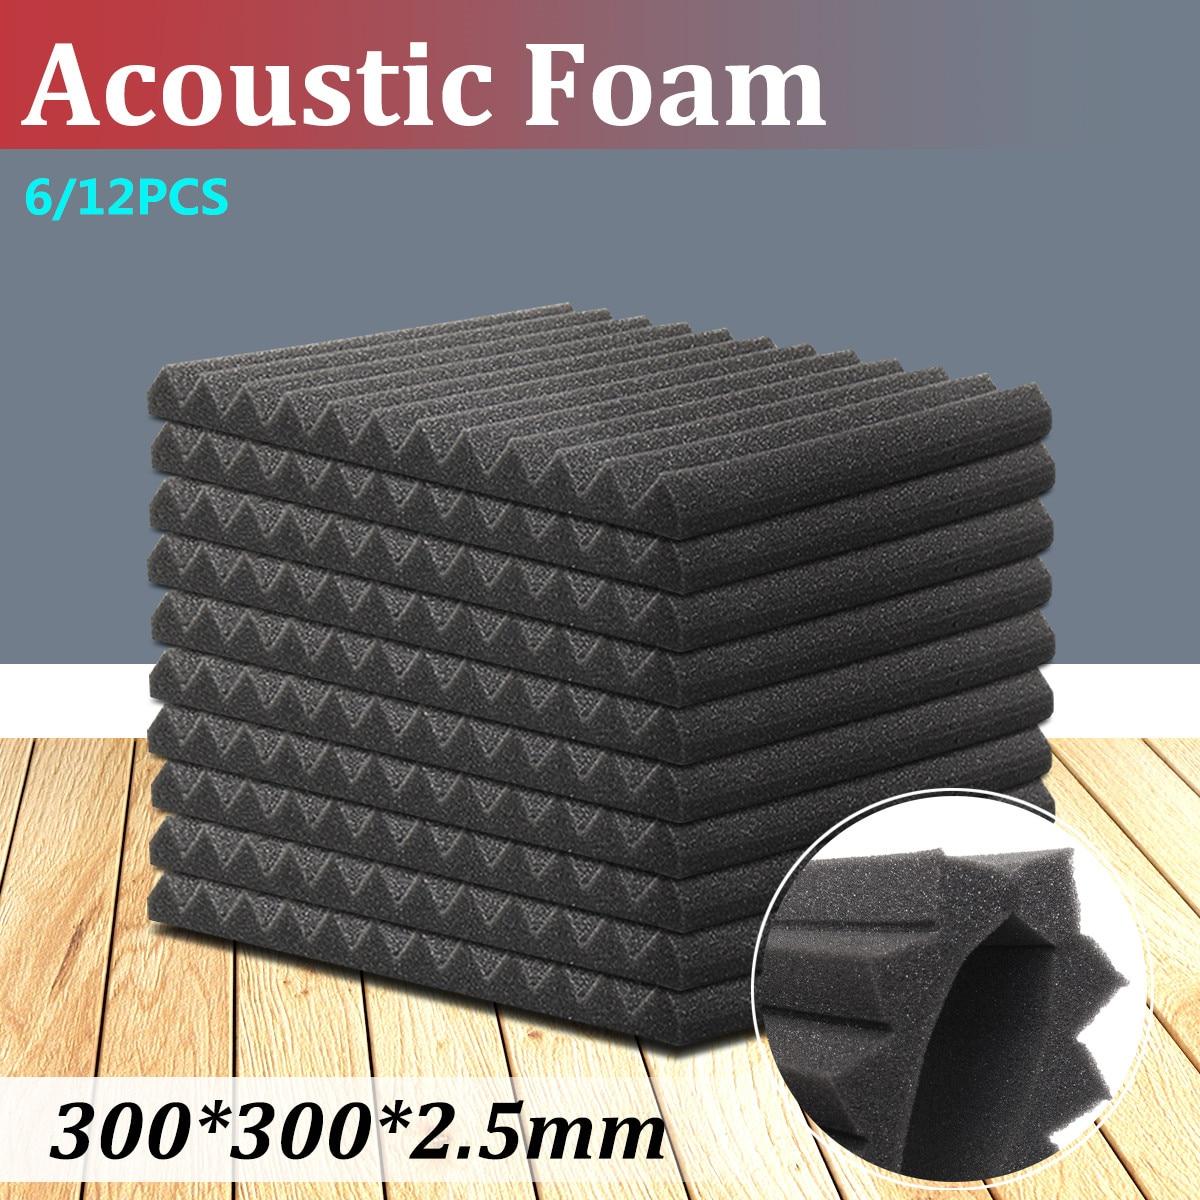 6Pcs/12Pcs Soundproofing Foam Studio Acoustic Foam Panels Sound Treatment Absorption Wedge Tile For KTV Audio Room 300*300*25mm